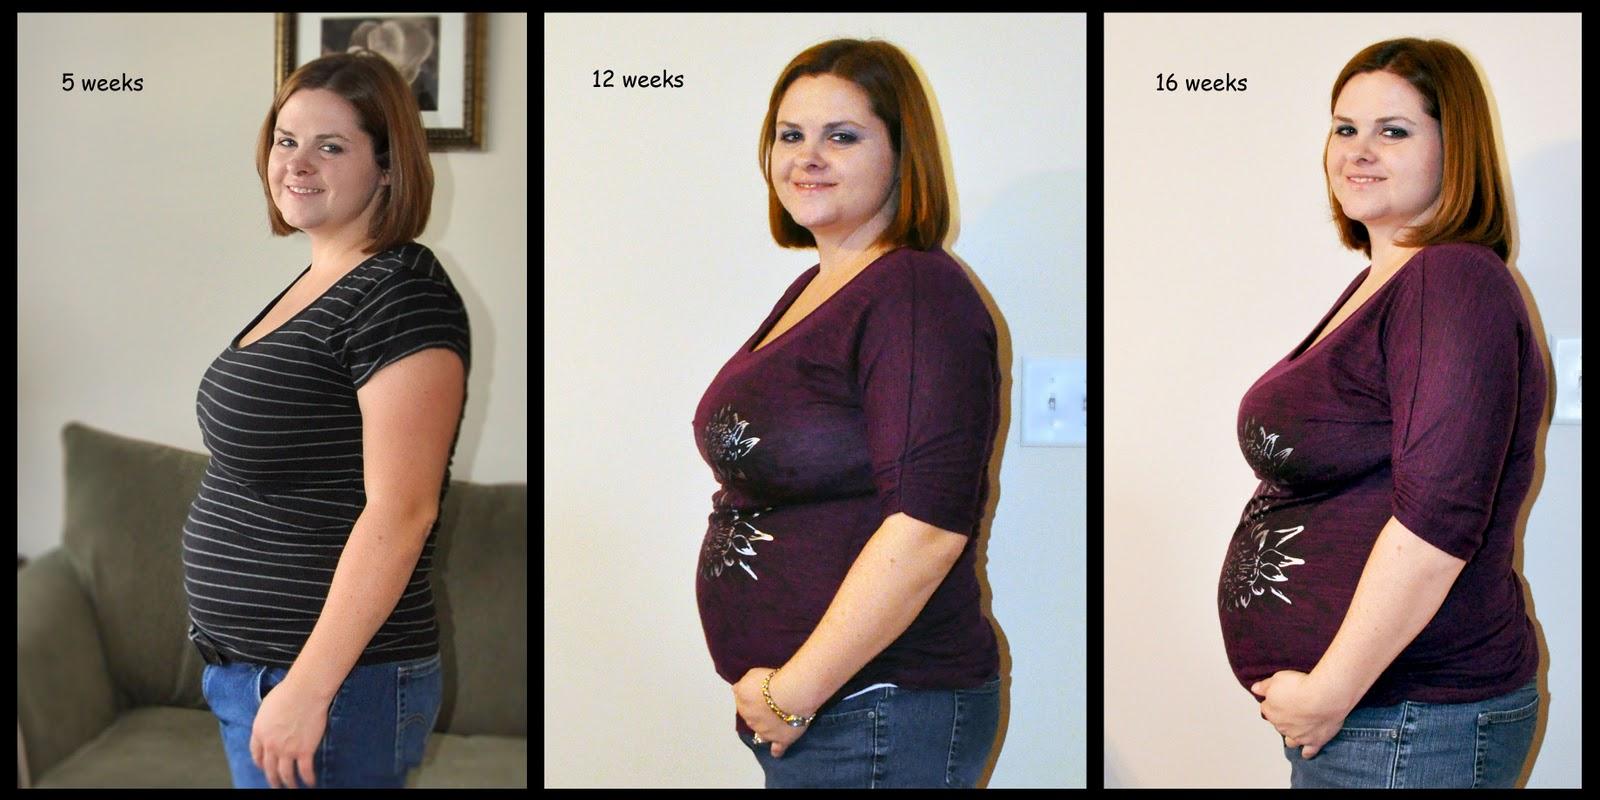 weight girls progression Bbw gain